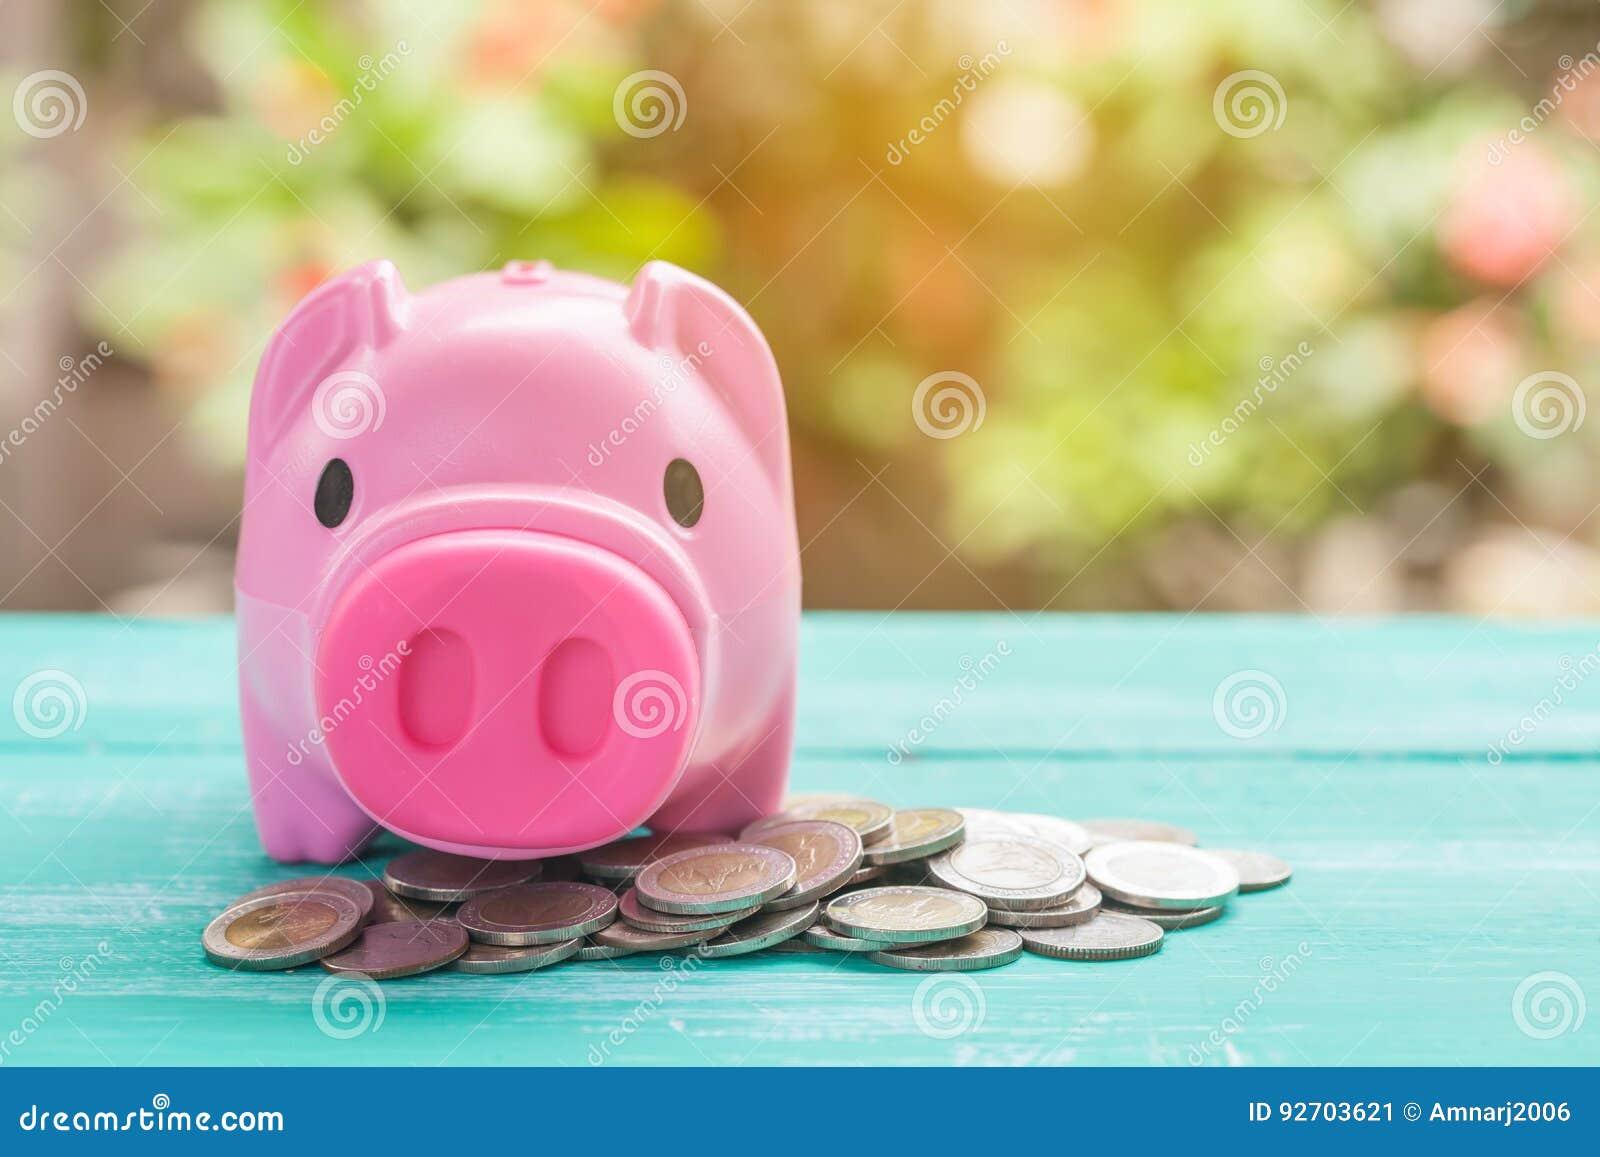 Porcellino salvadanaio rosa sopra la pila delle monete, soldi di risparmio